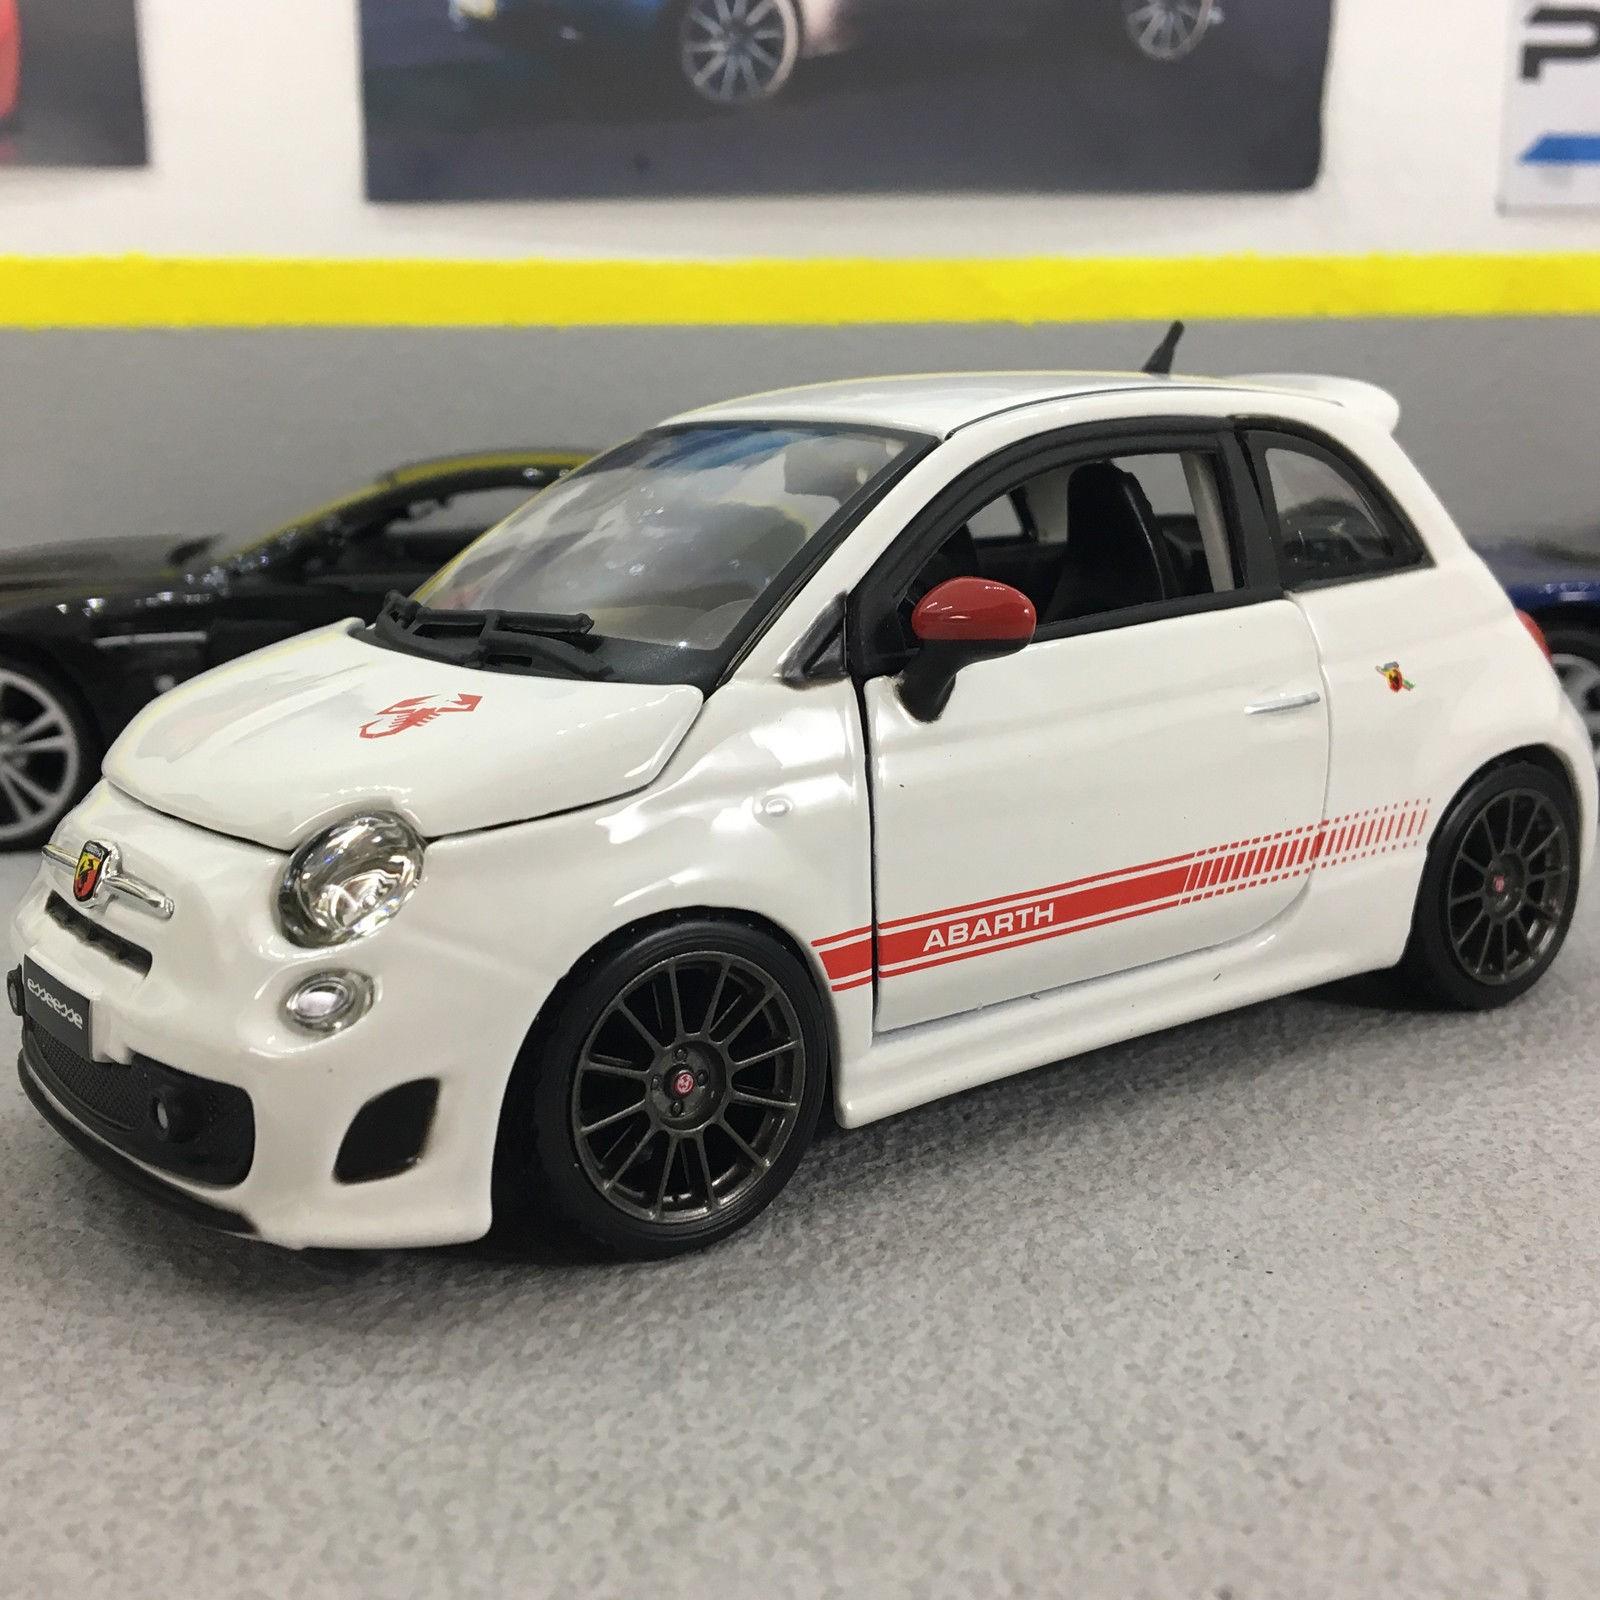 Fiat Abarth 500 Esseesse White 1:24 Scale -cast Model Car | eBay